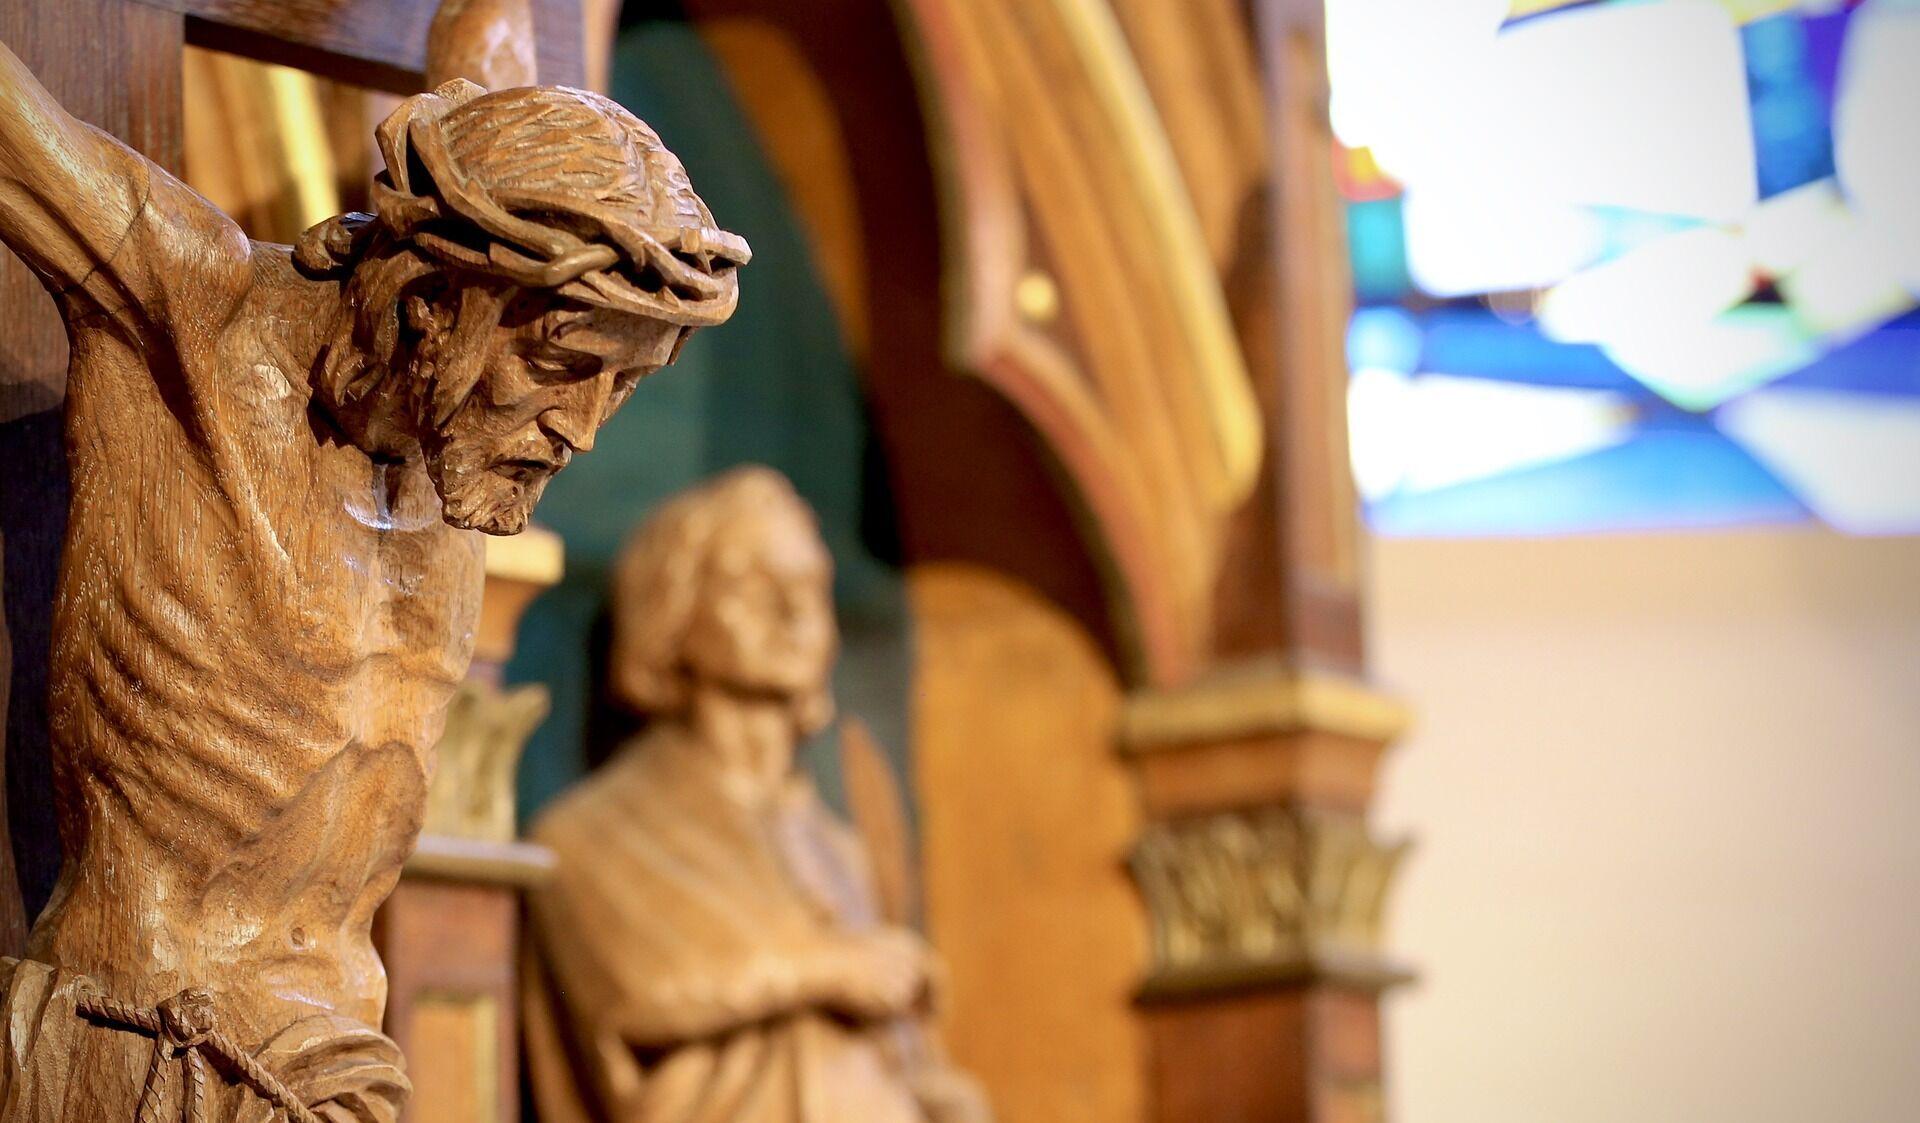 Категорично не рекомендується пропускати найважливіші богослужіння Страсної П'ятниці